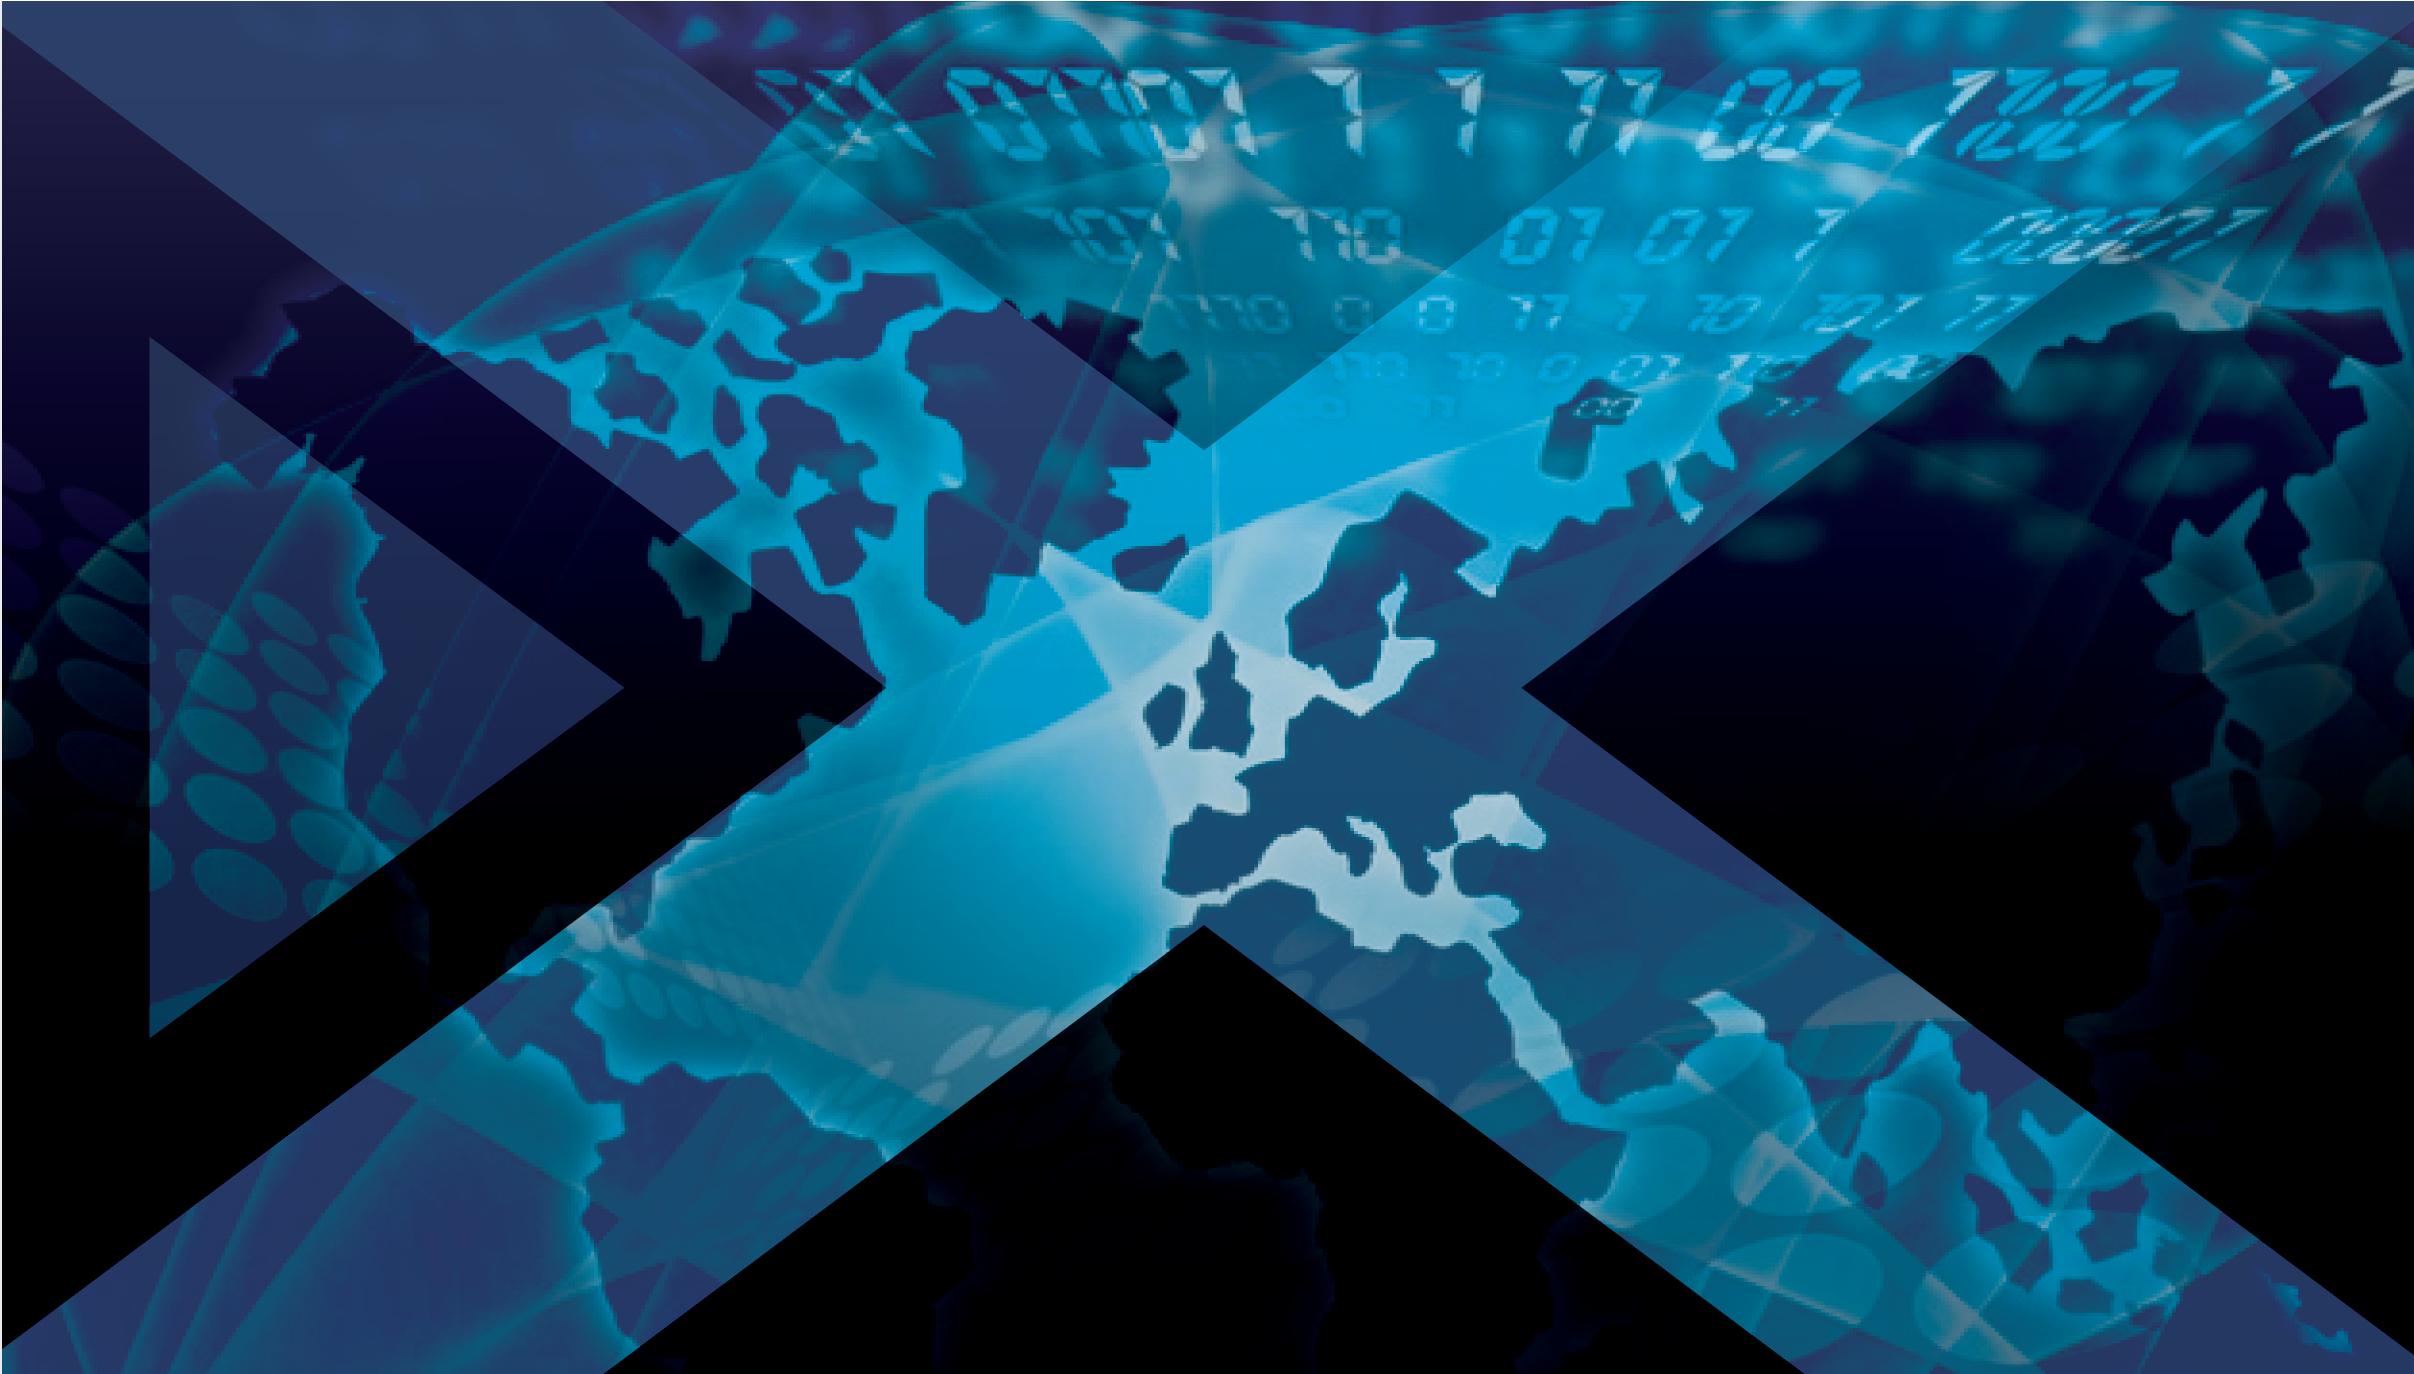 X-globe